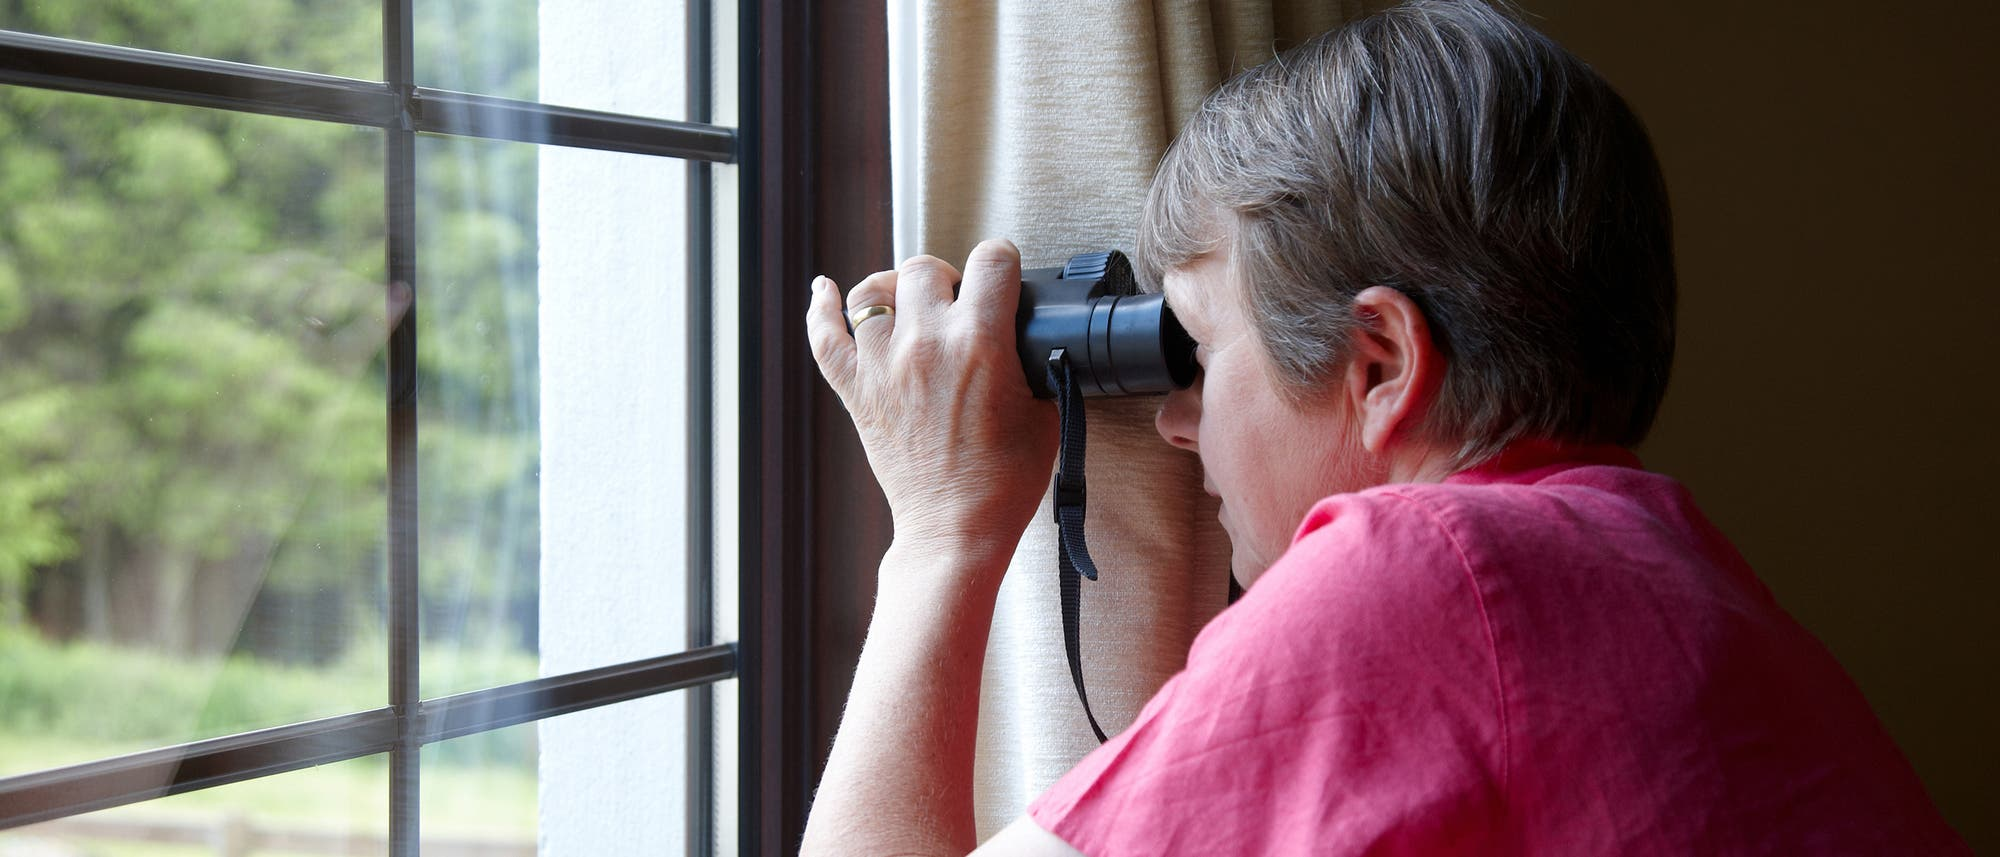 Frau schaut mit dem Fernglas aus dem Fenster